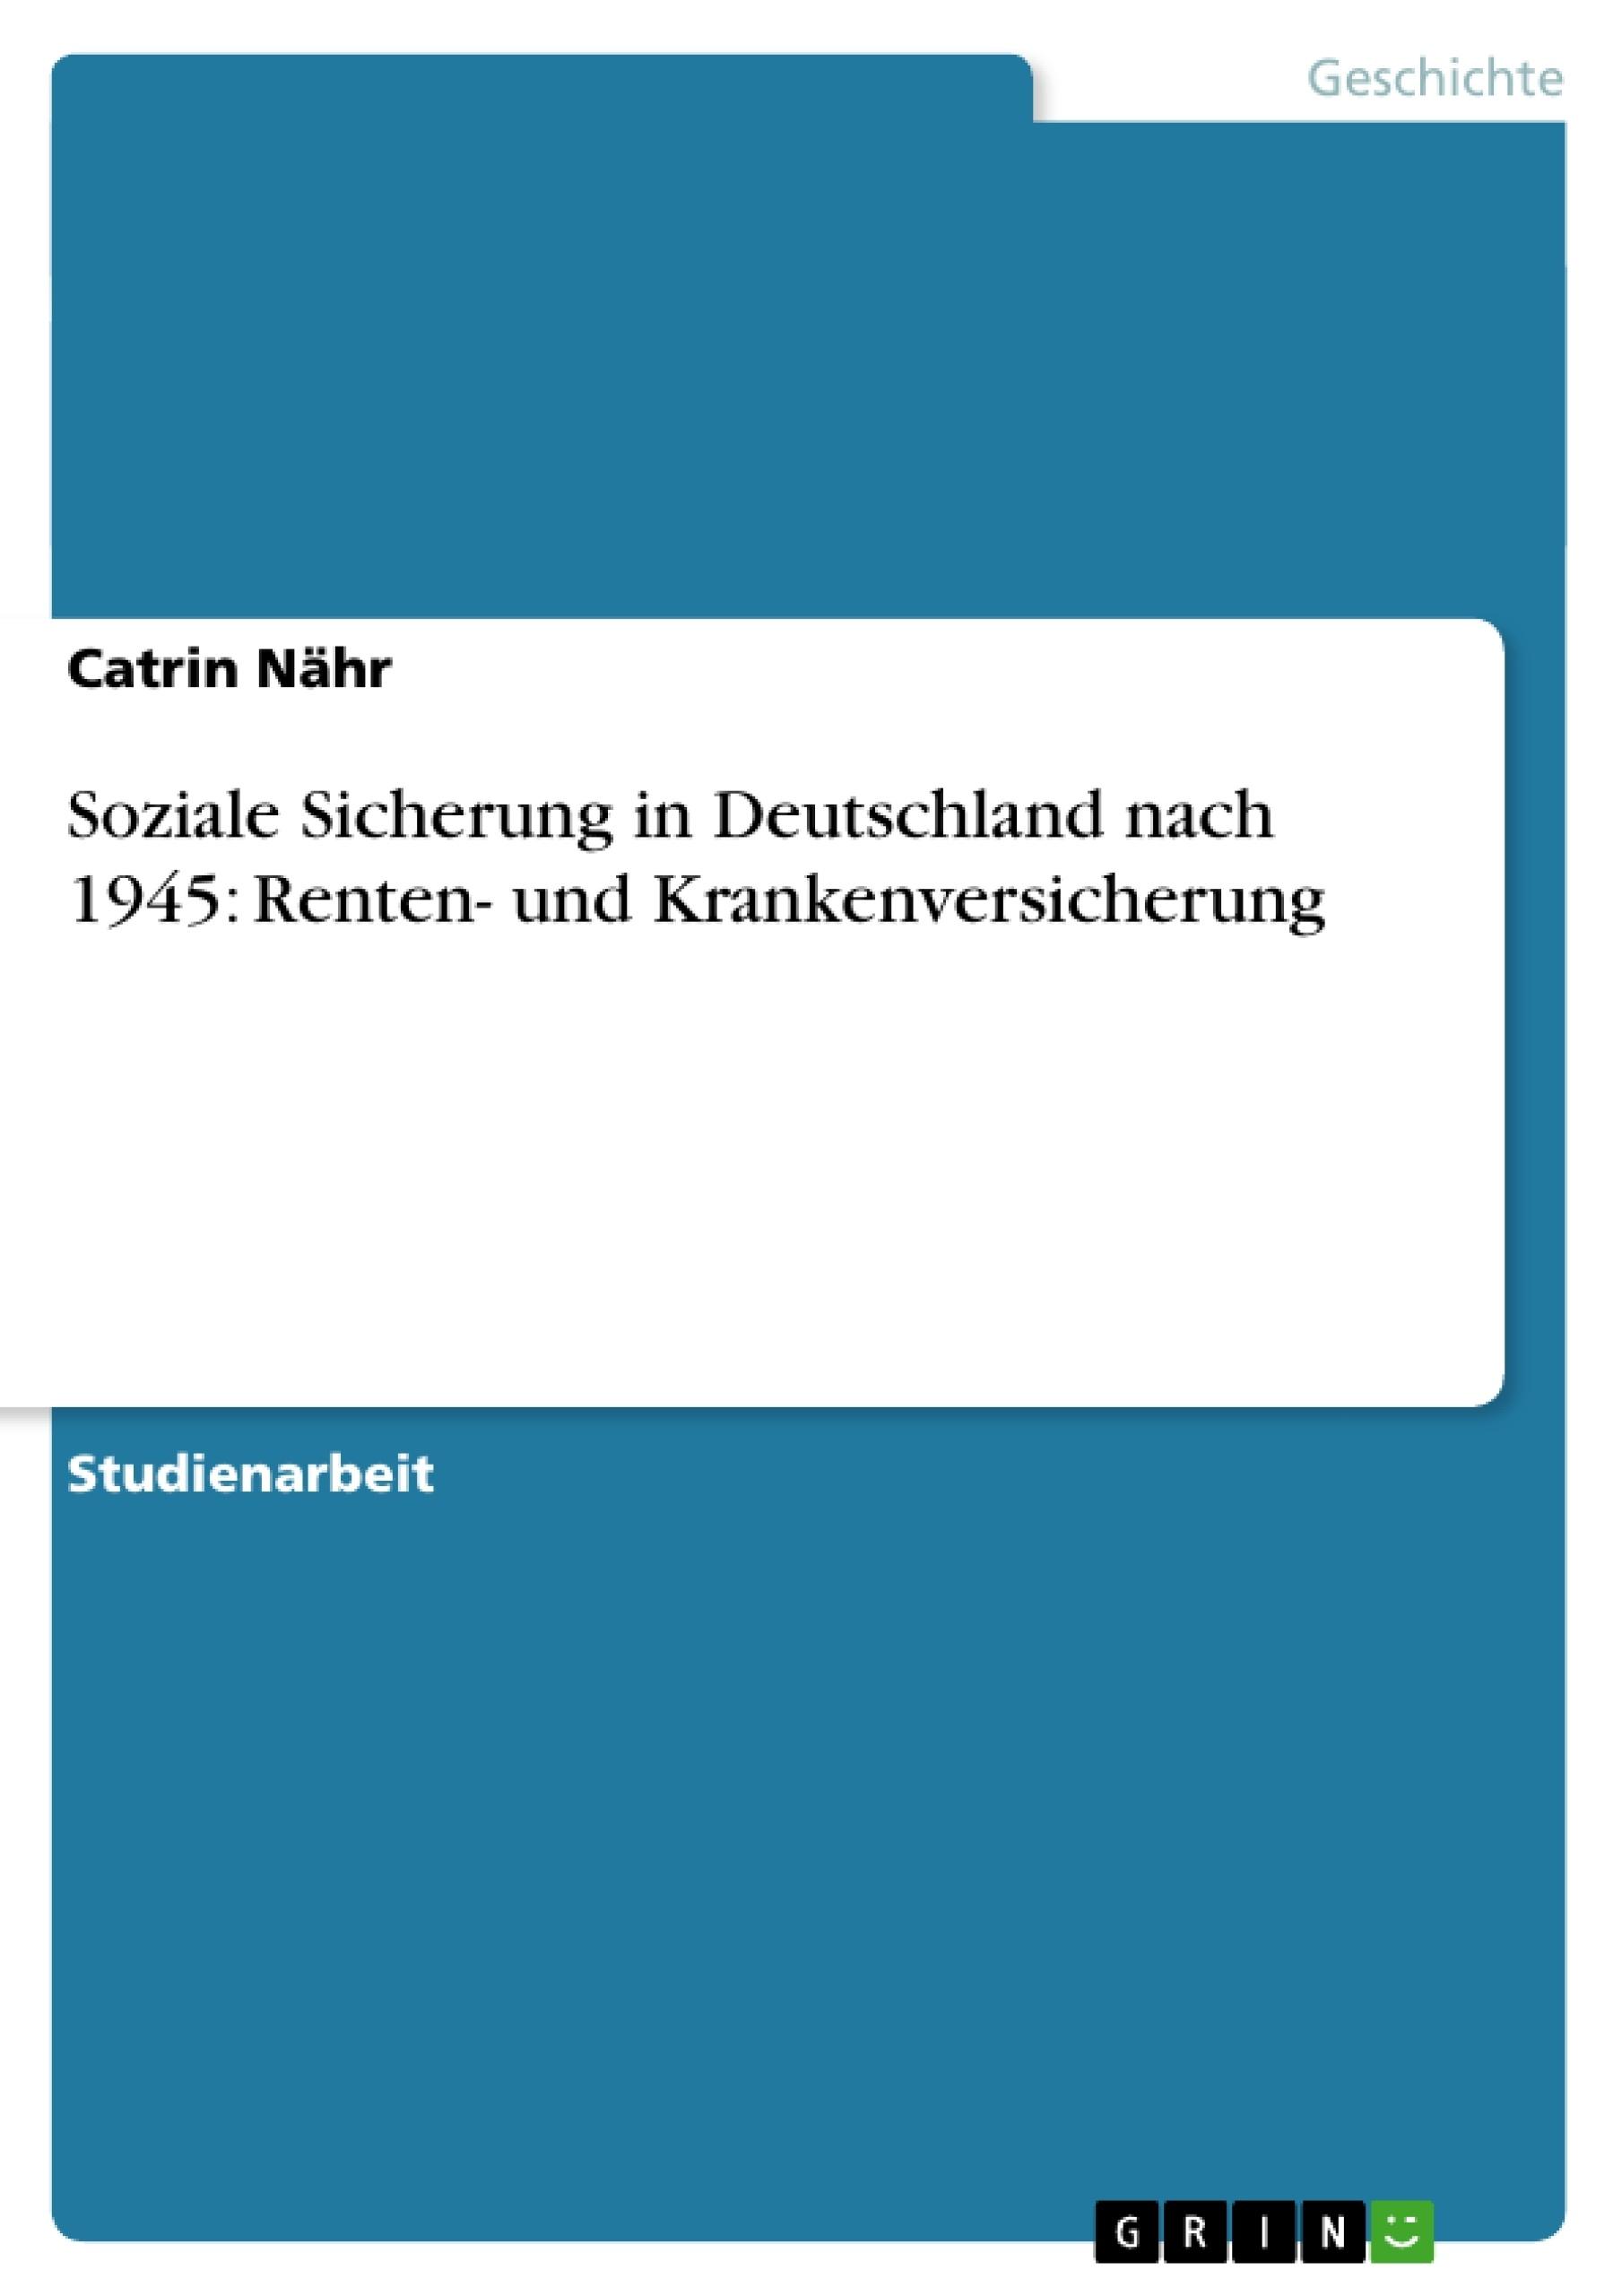 Titel: Soziale Sicherung in Deutschland nach 1945: Renten- und Krankenversicherung